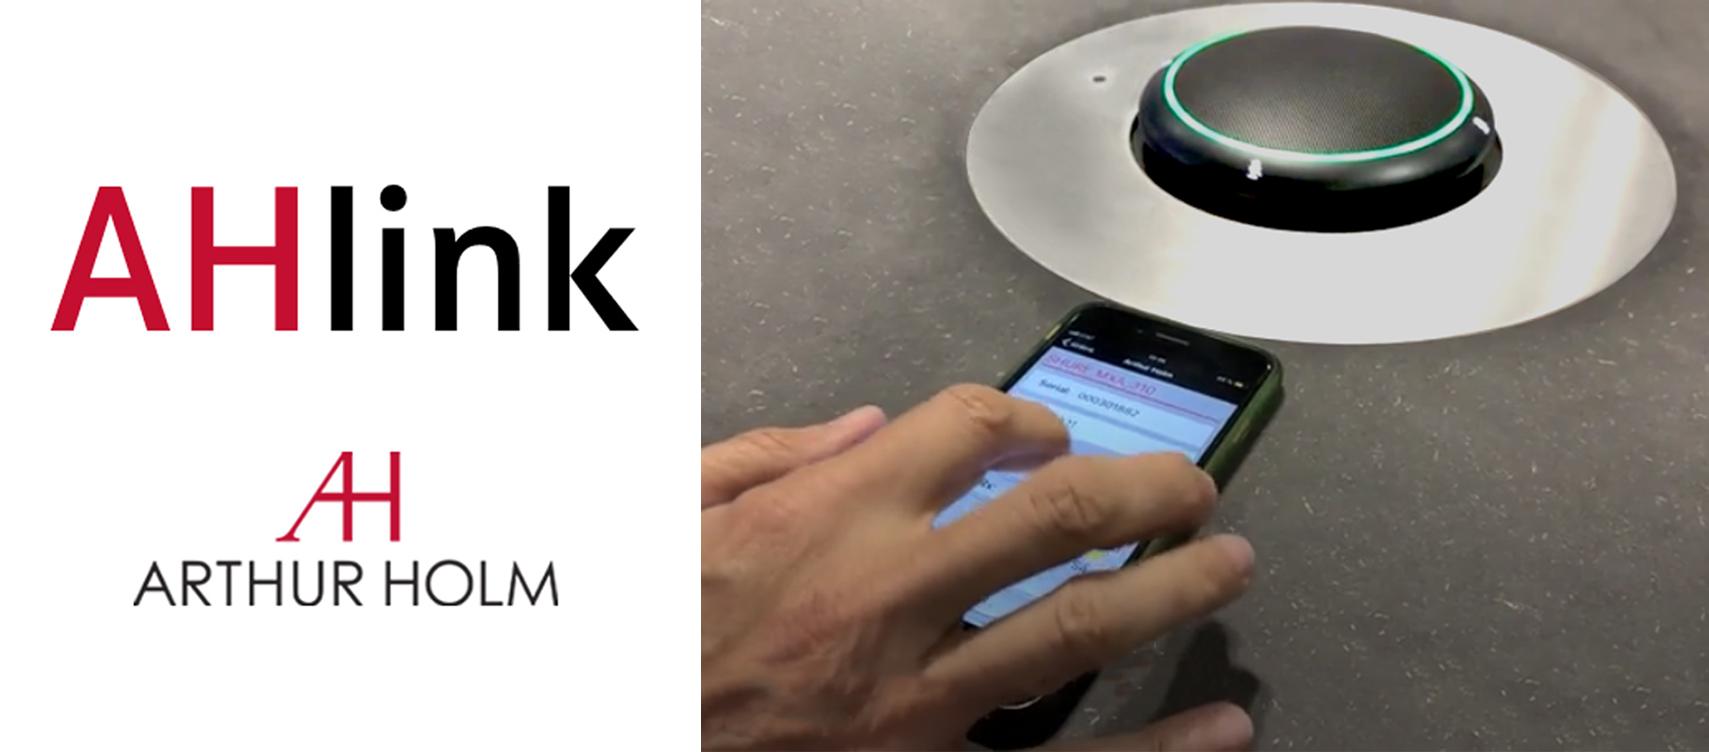 AHlink convierte su dispositivo móvil en una herramienta para configurar su sala de reuniones